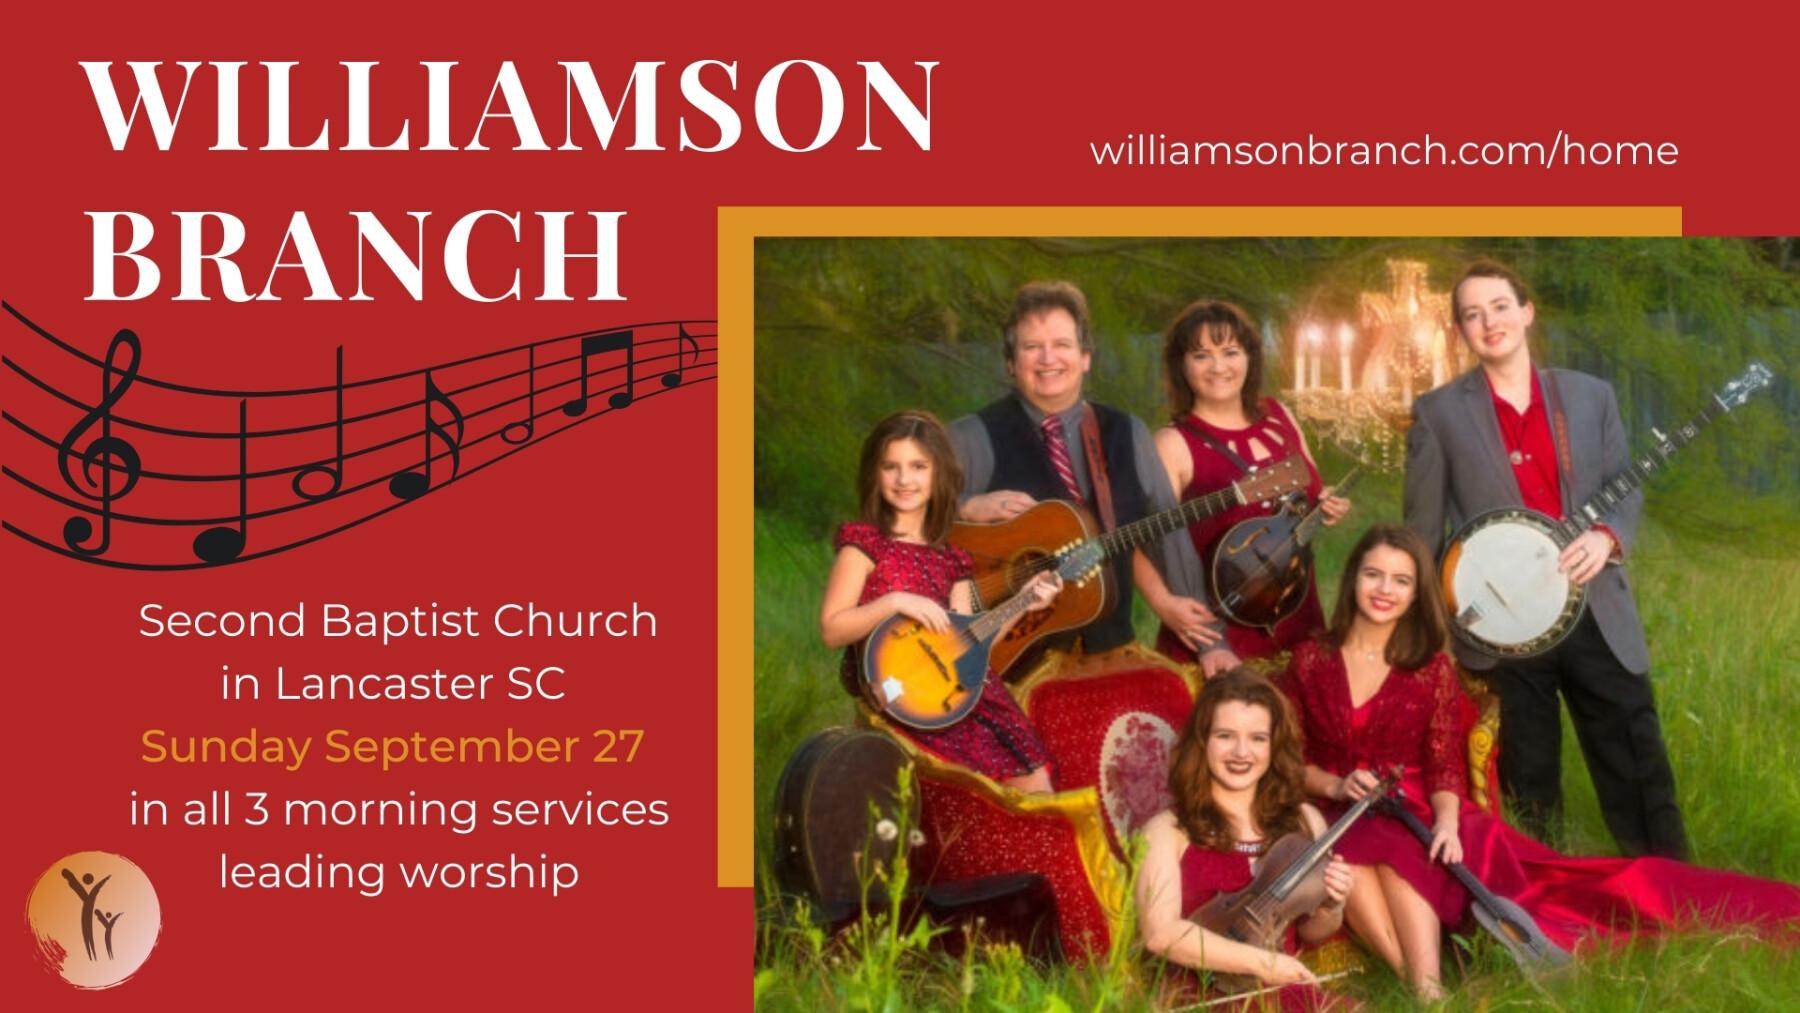 Williamson Branch - Sunday September 27